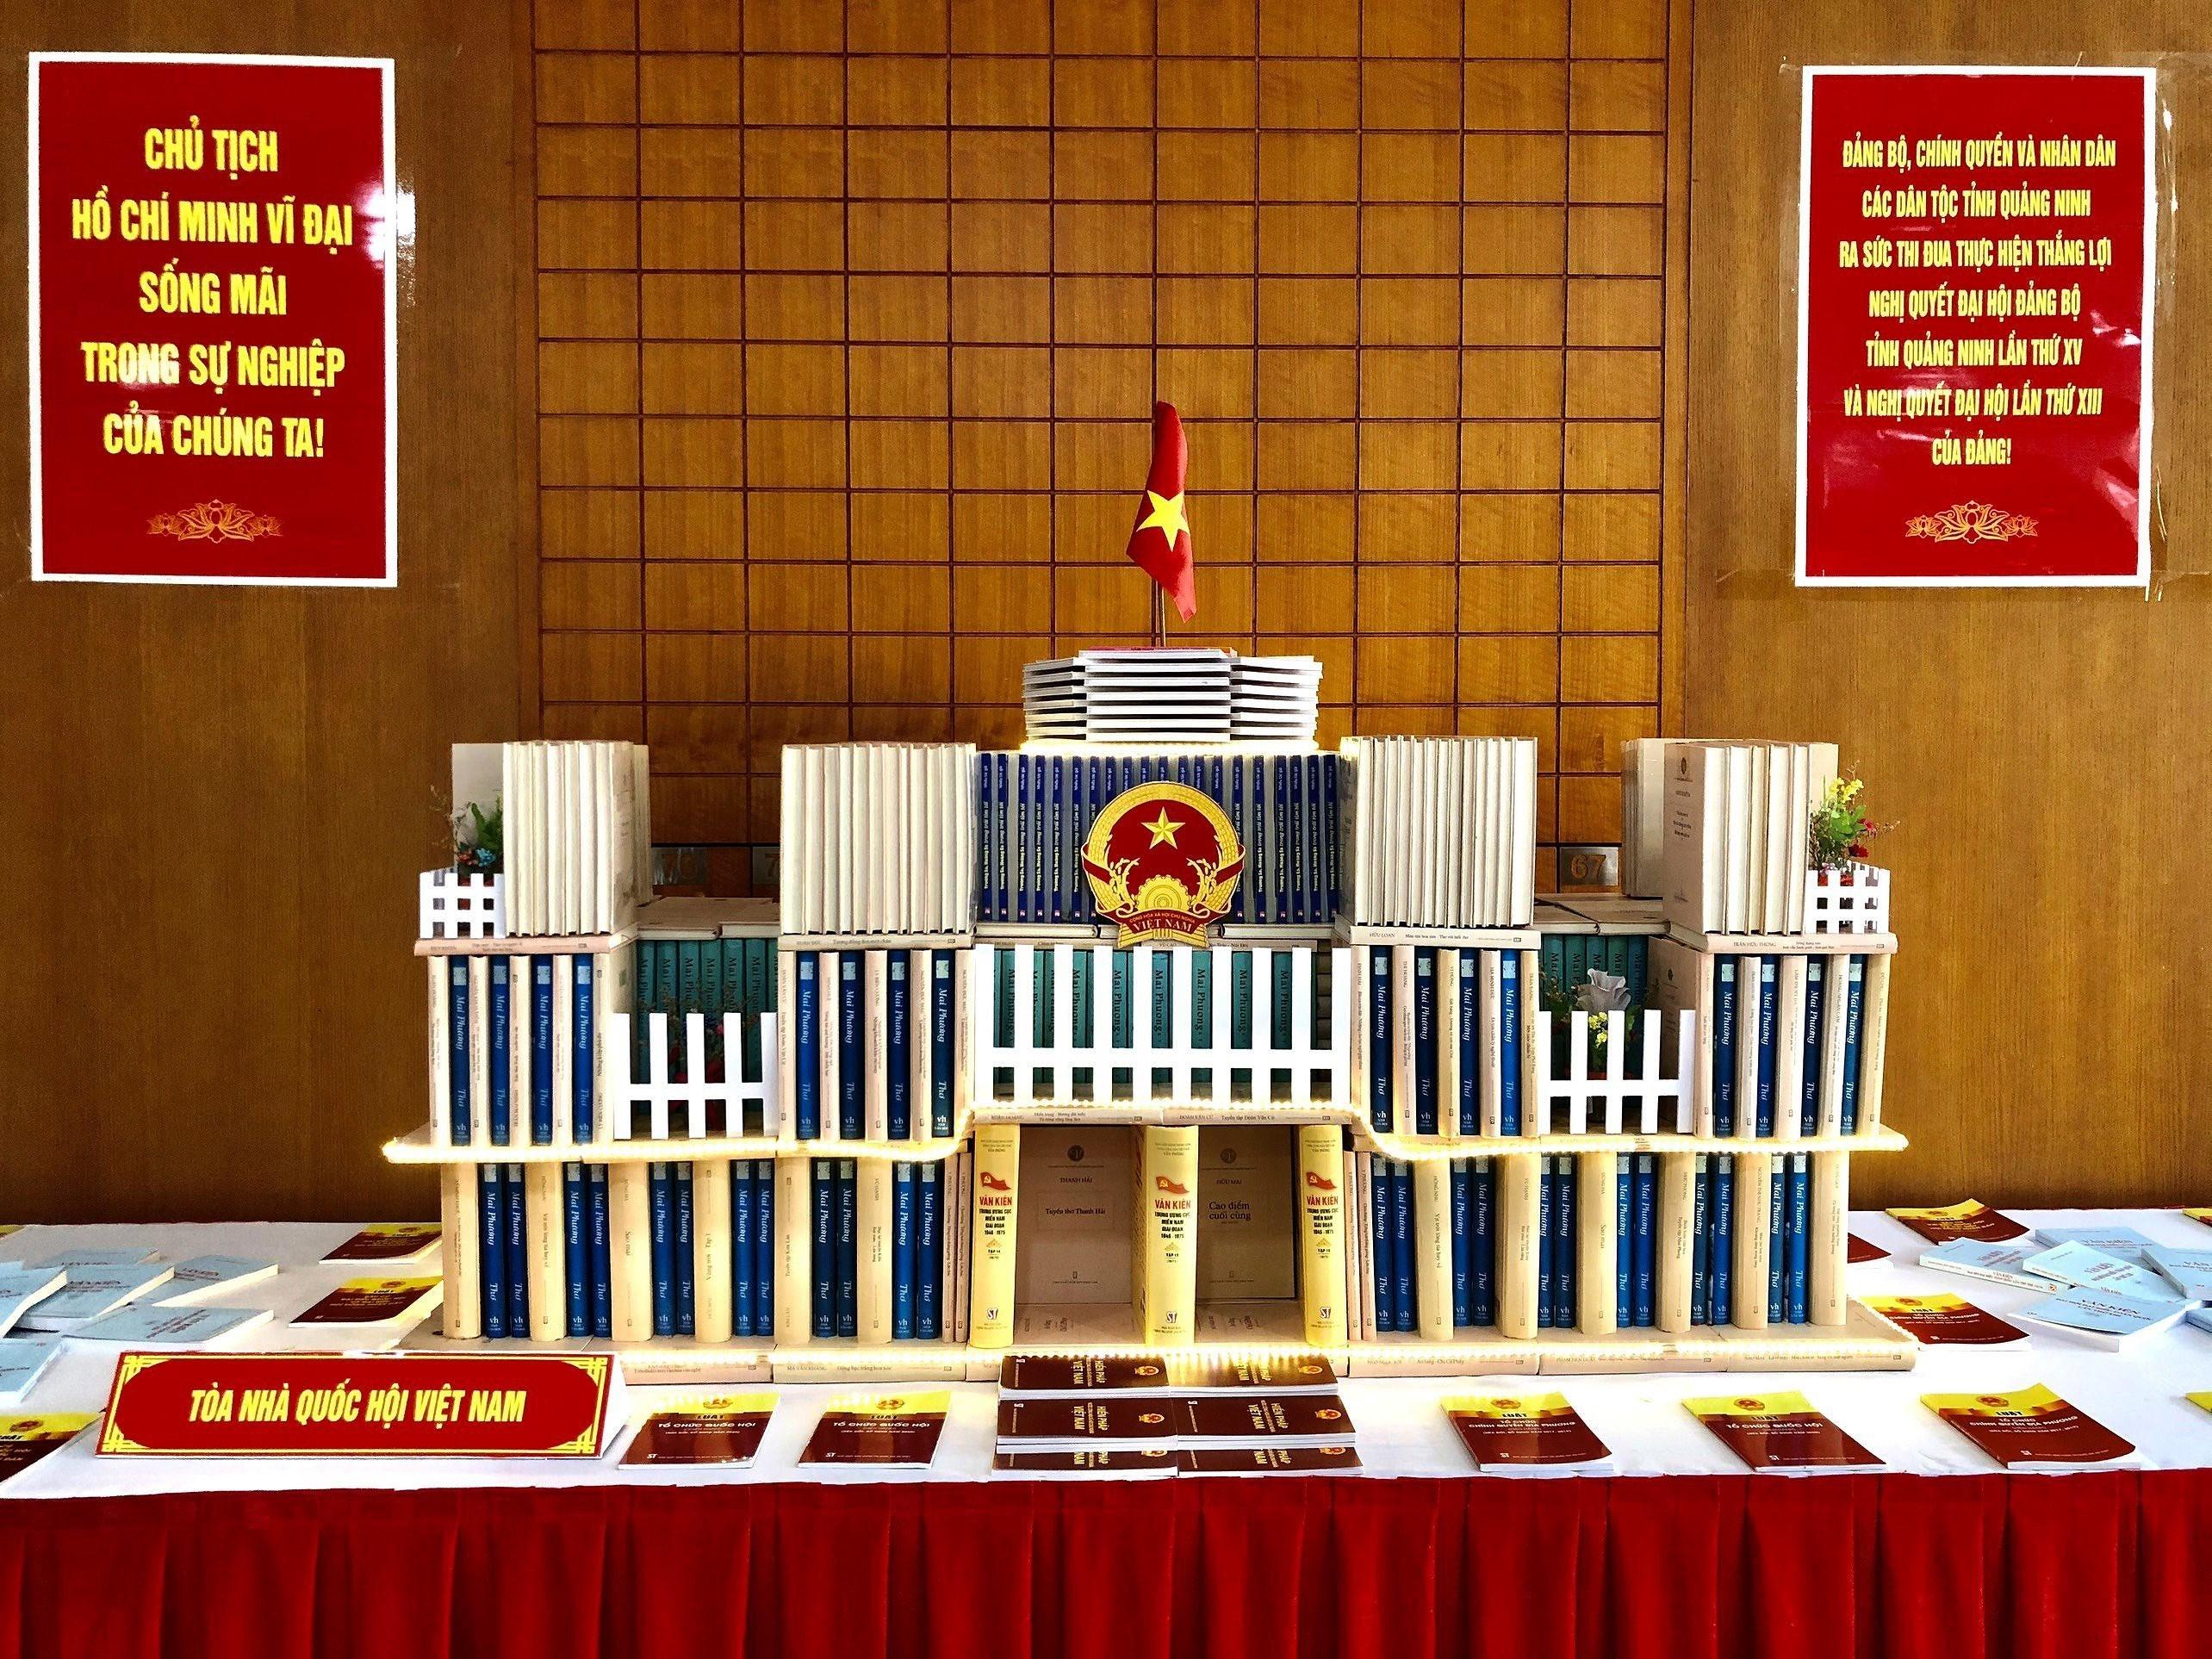 Quang Ninh: exposition de livres sur les elections legislatives prochaines hinh anh 4